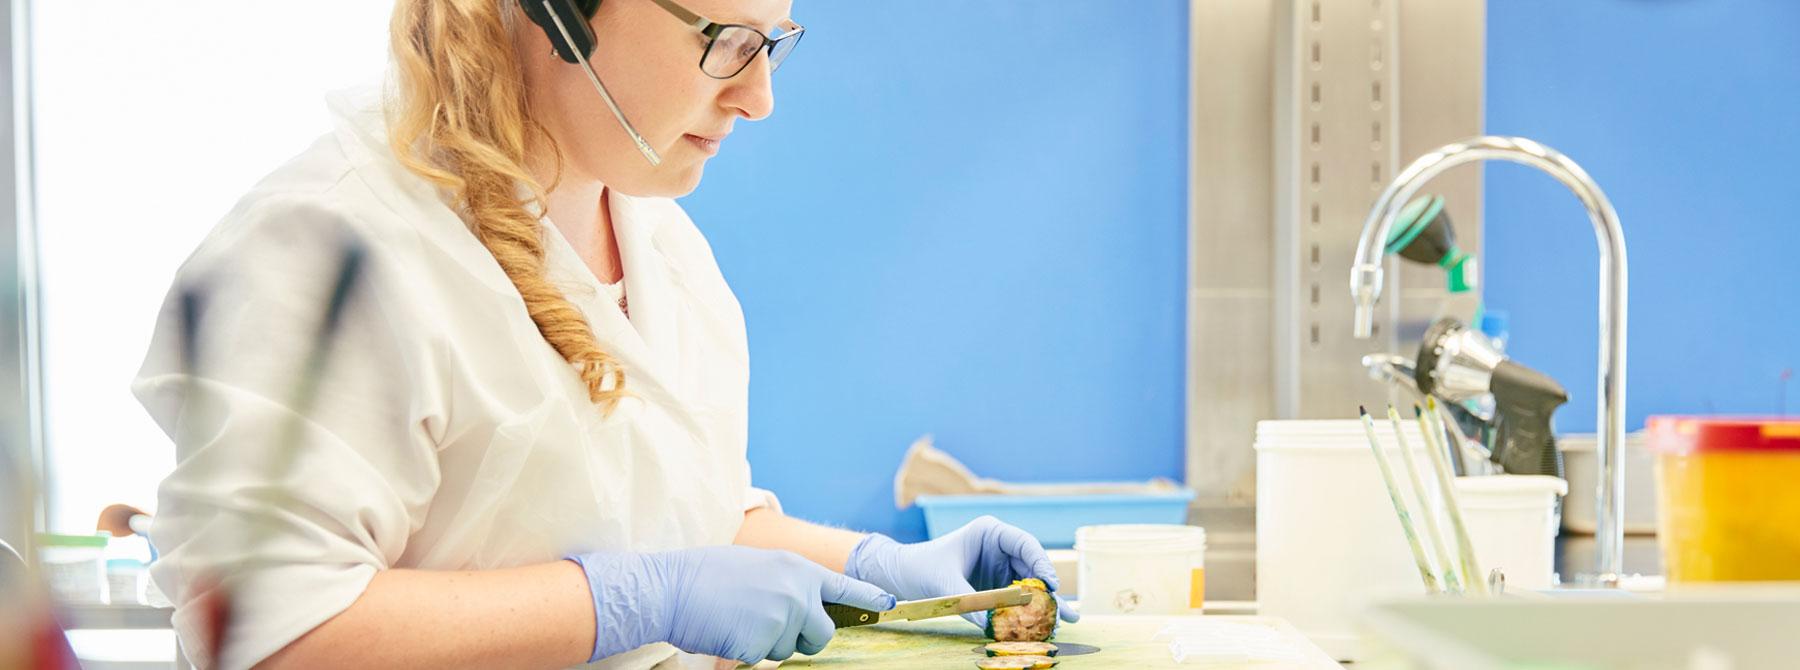 Vorbereitung Präparat, Pathologie, Sabine Nann